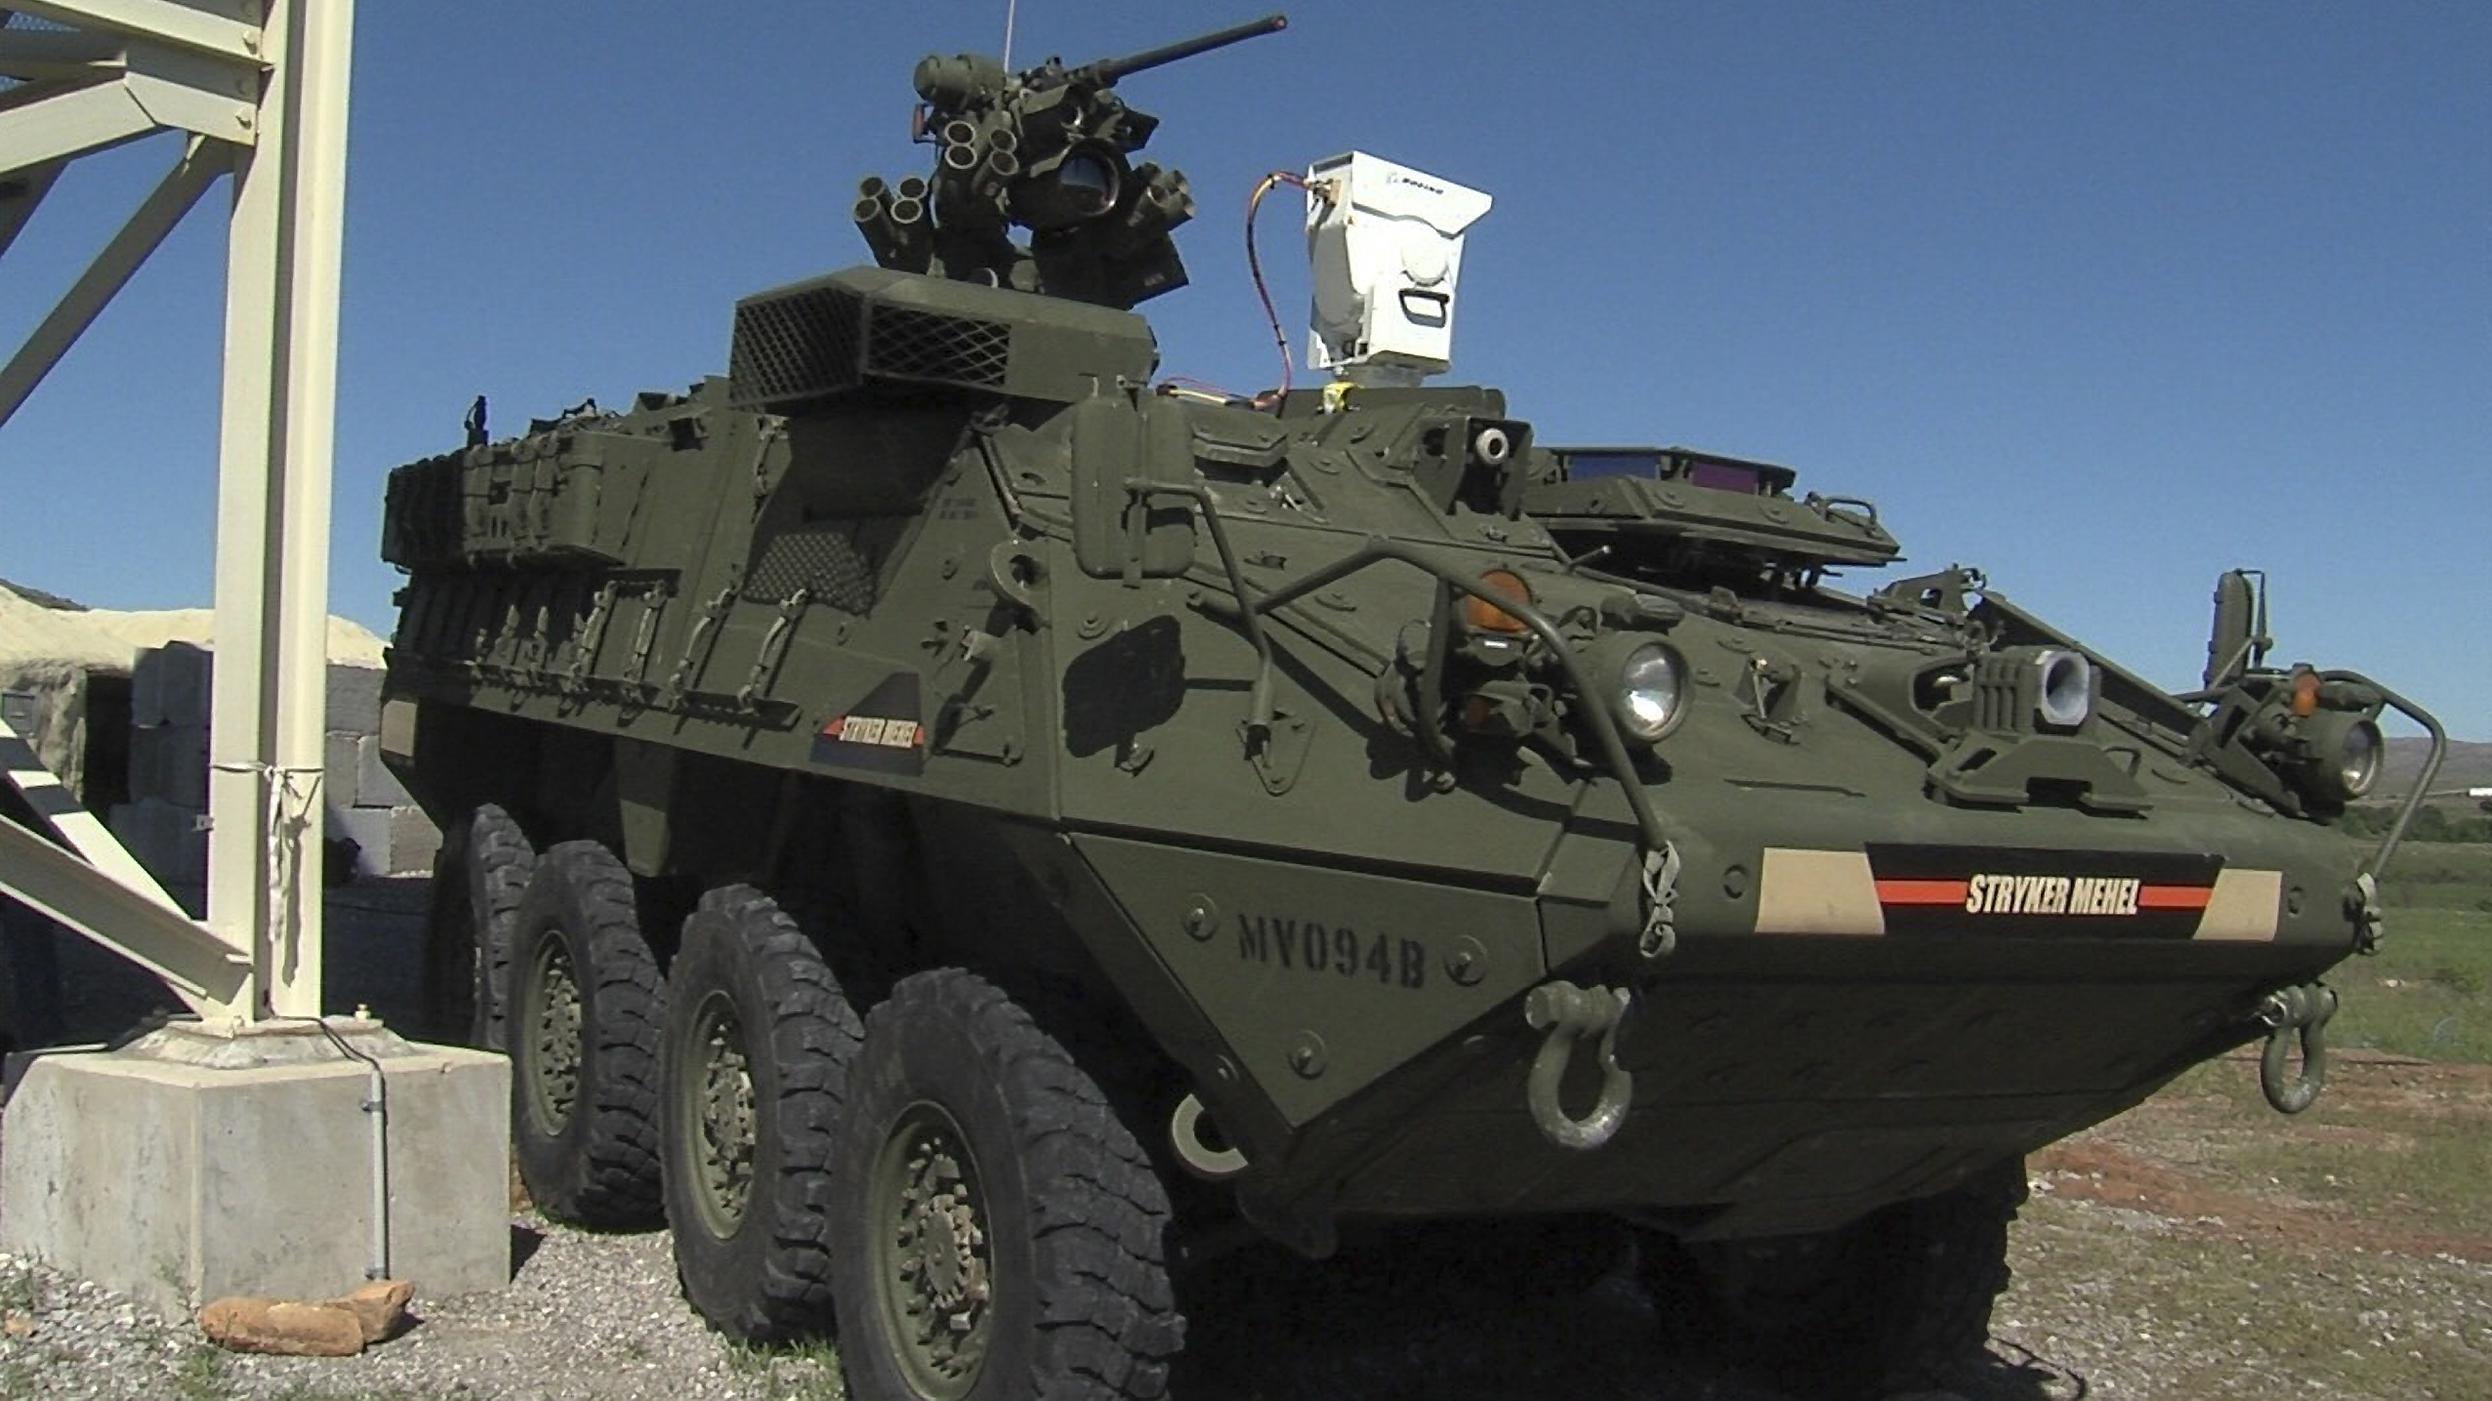 Laserwaffe der U.S. Army